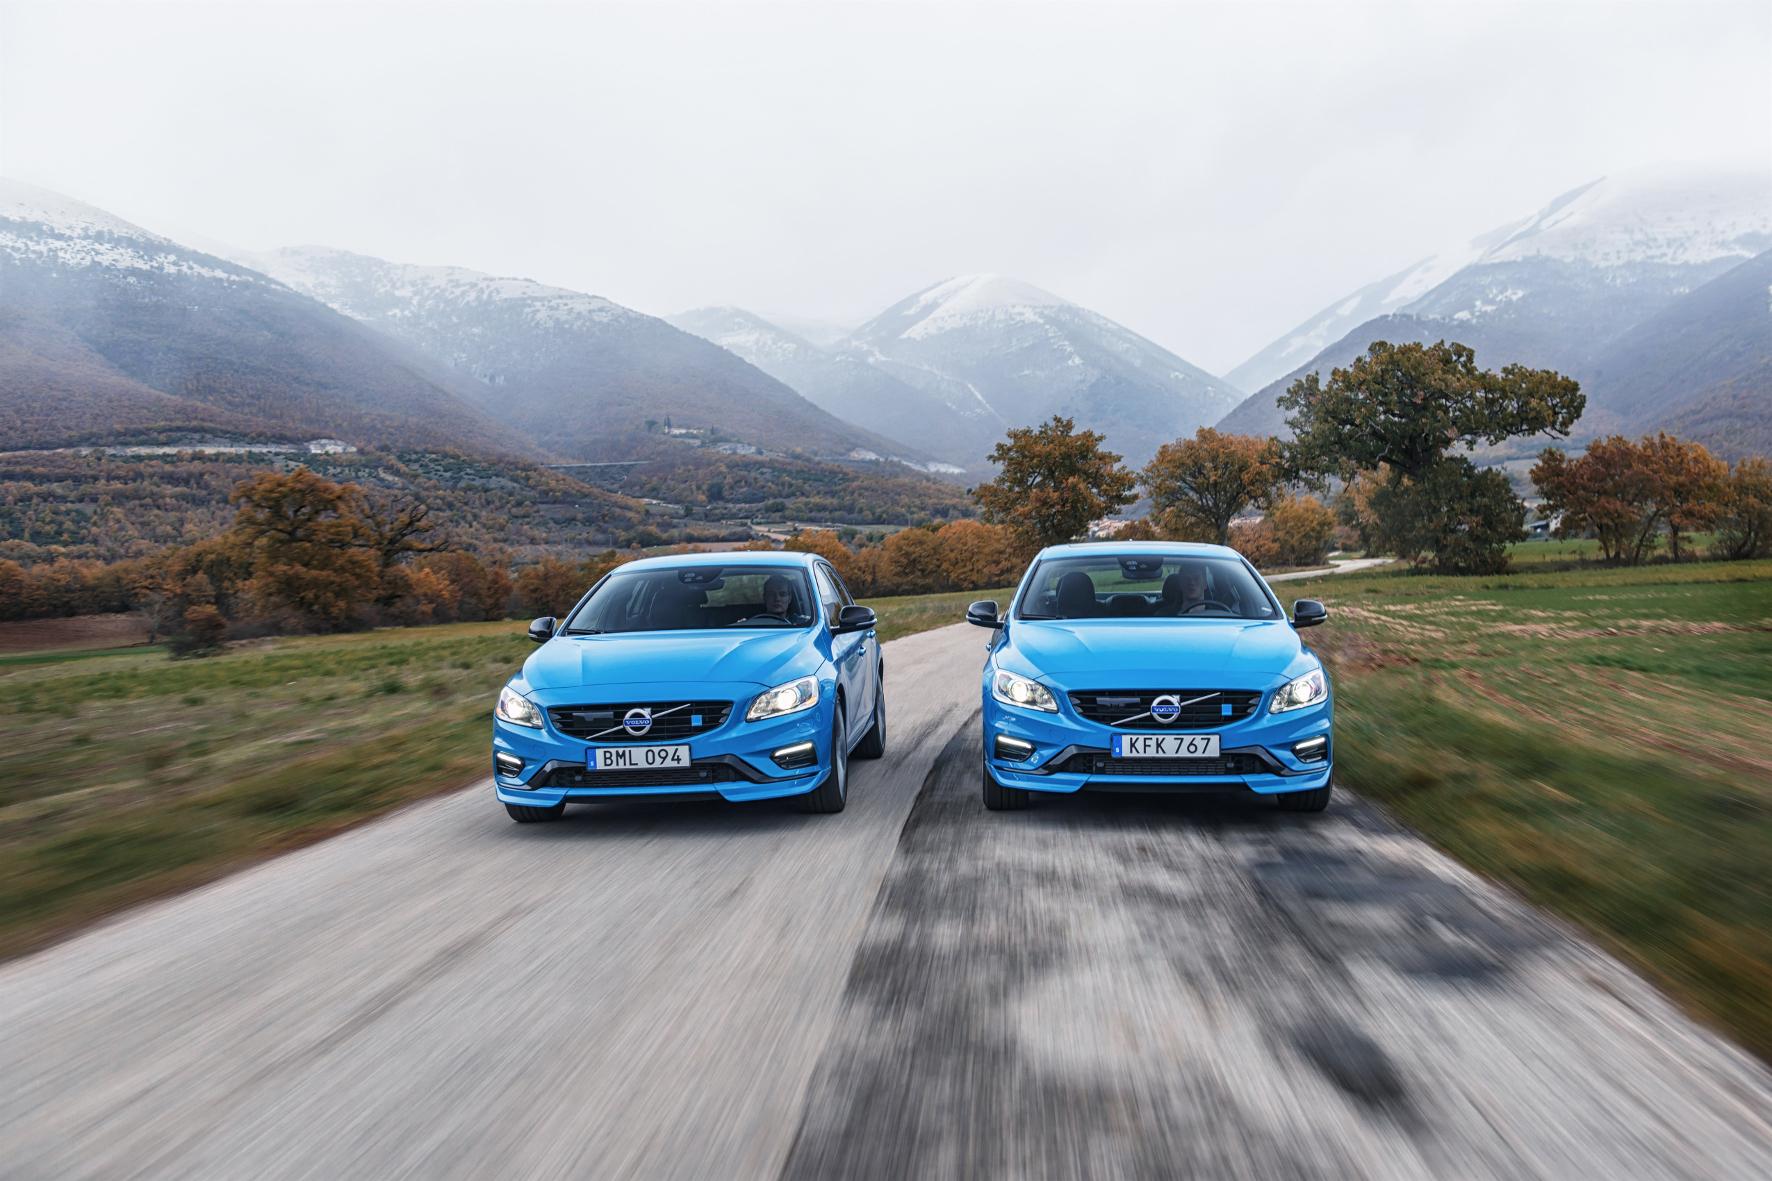 mid Groß-Gerau - Schweden-Sportler im Anflug: Die Polestar-Varianten von S60 und V60 sind jetzt zu Preisen ab 68.000 Euro bestellbar.